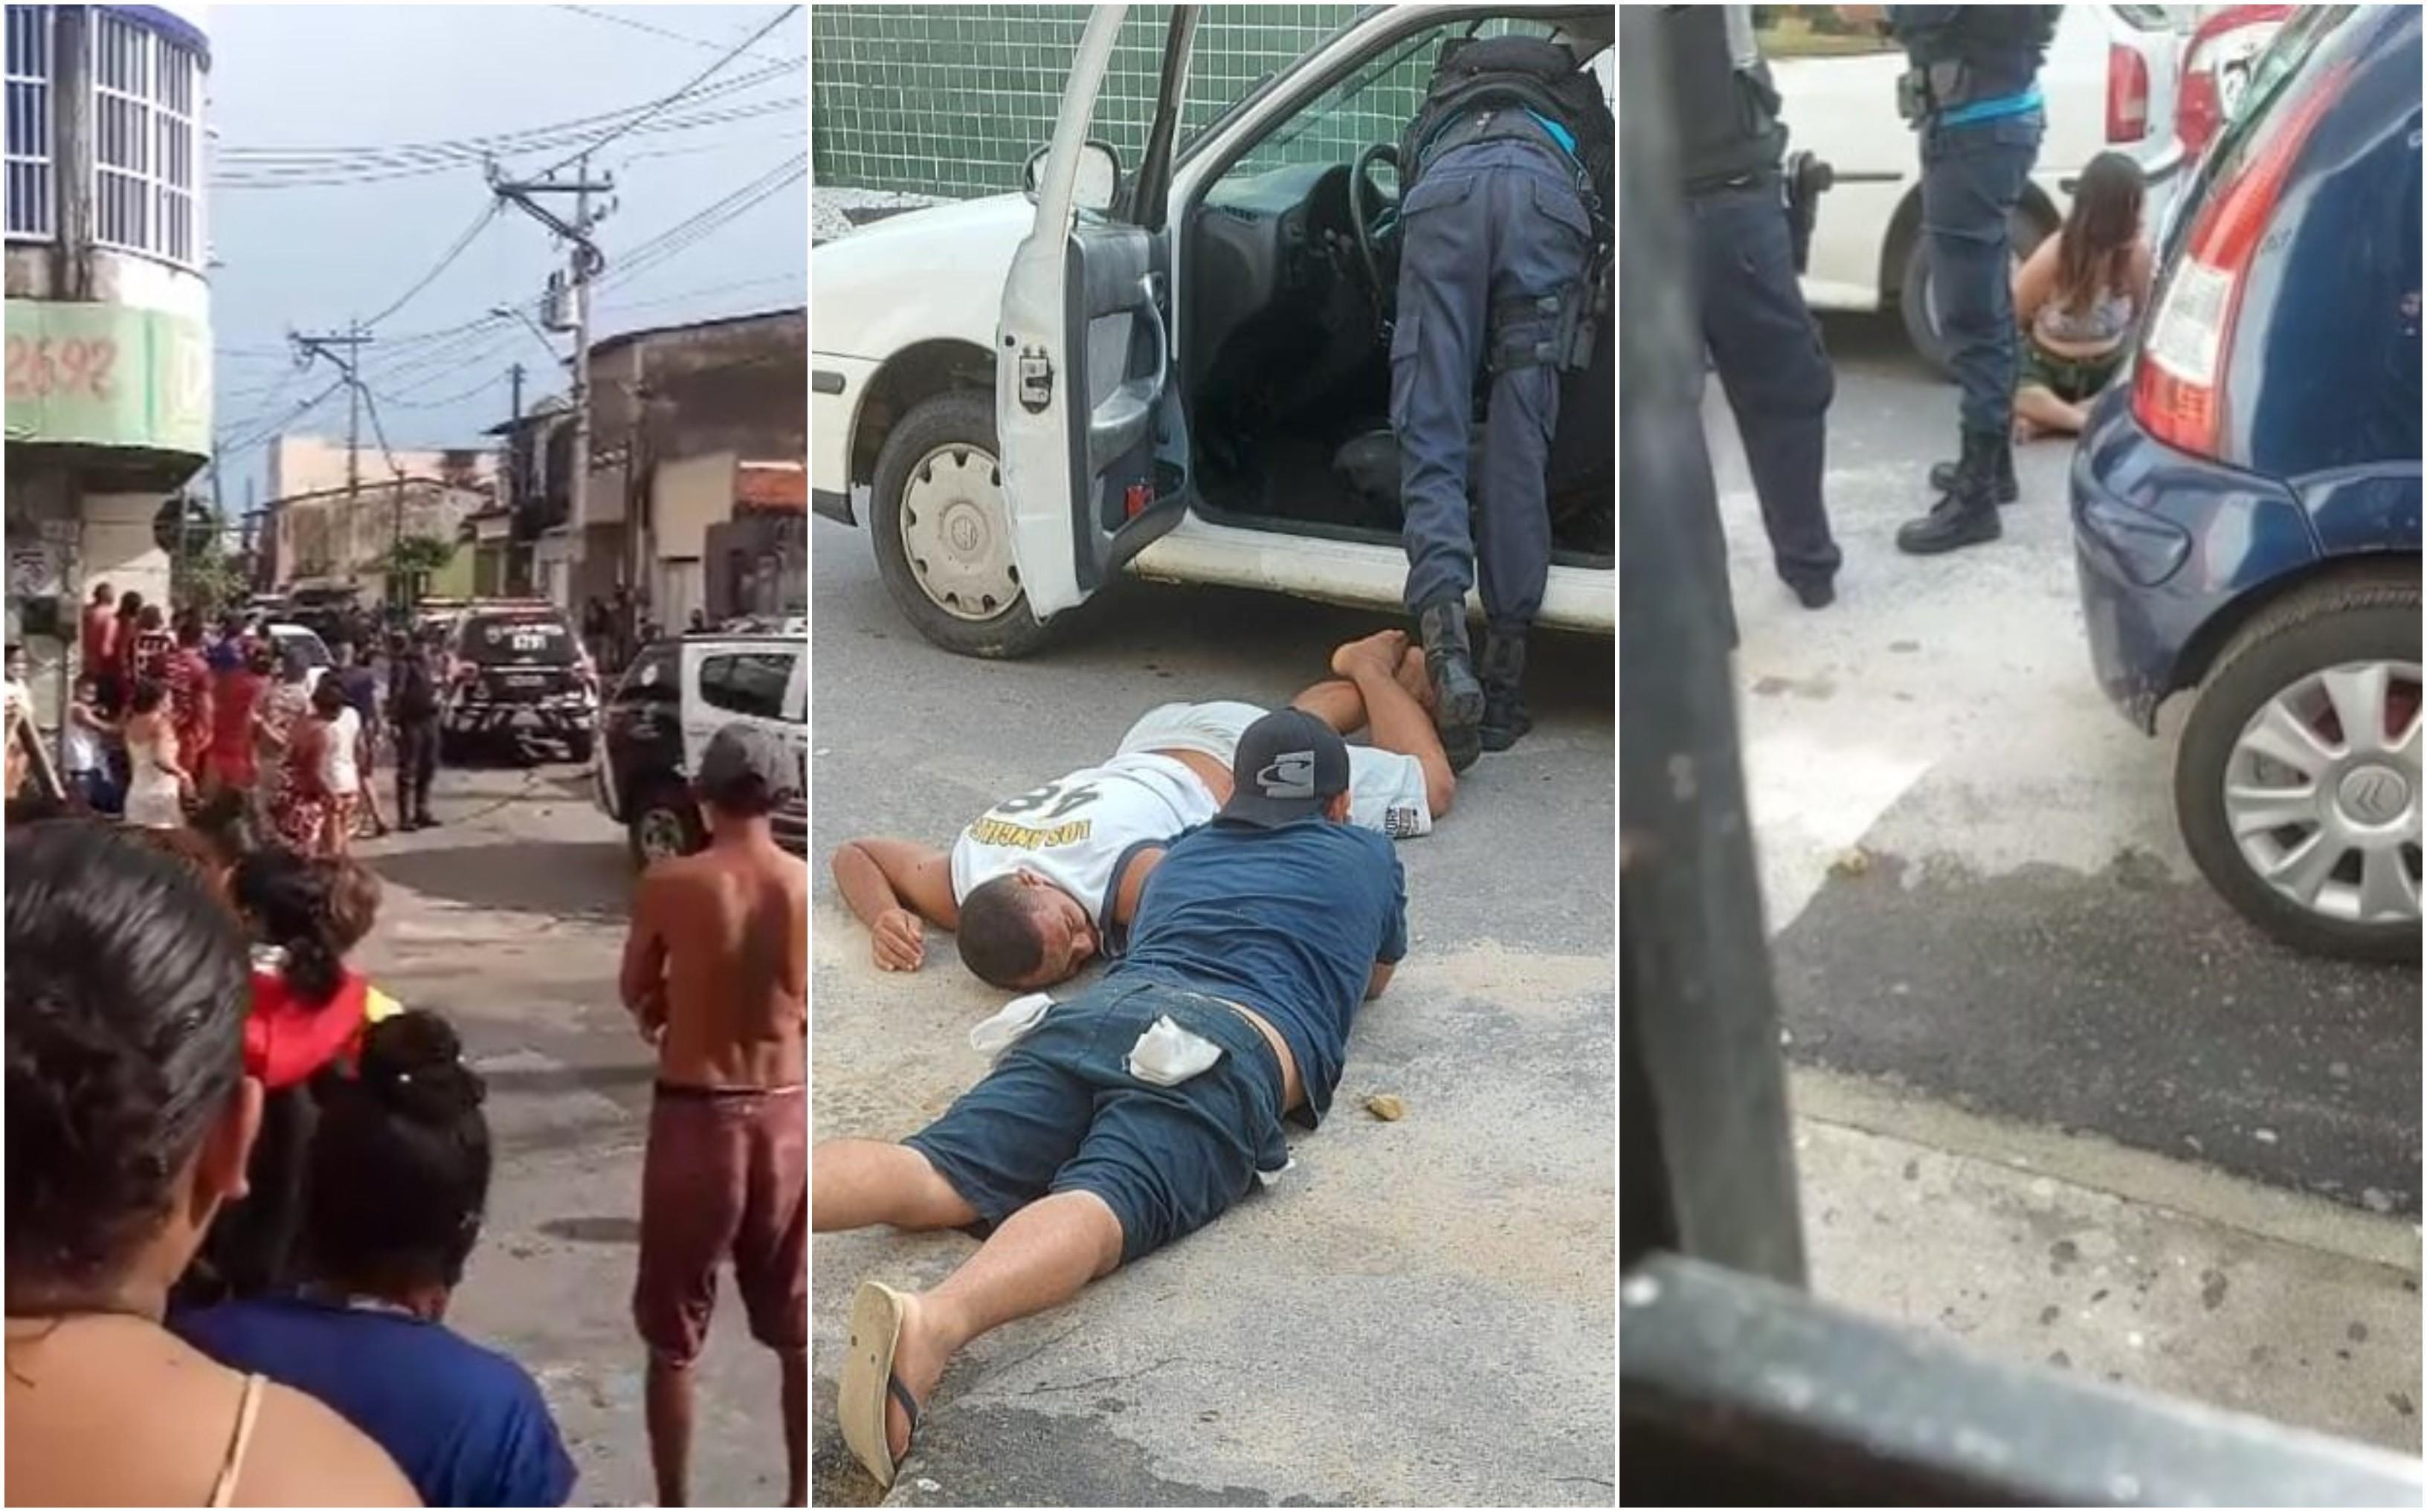 Perseguição policial e troca de tiros terminam com três presos em Fortaleza; assaltante é baleado